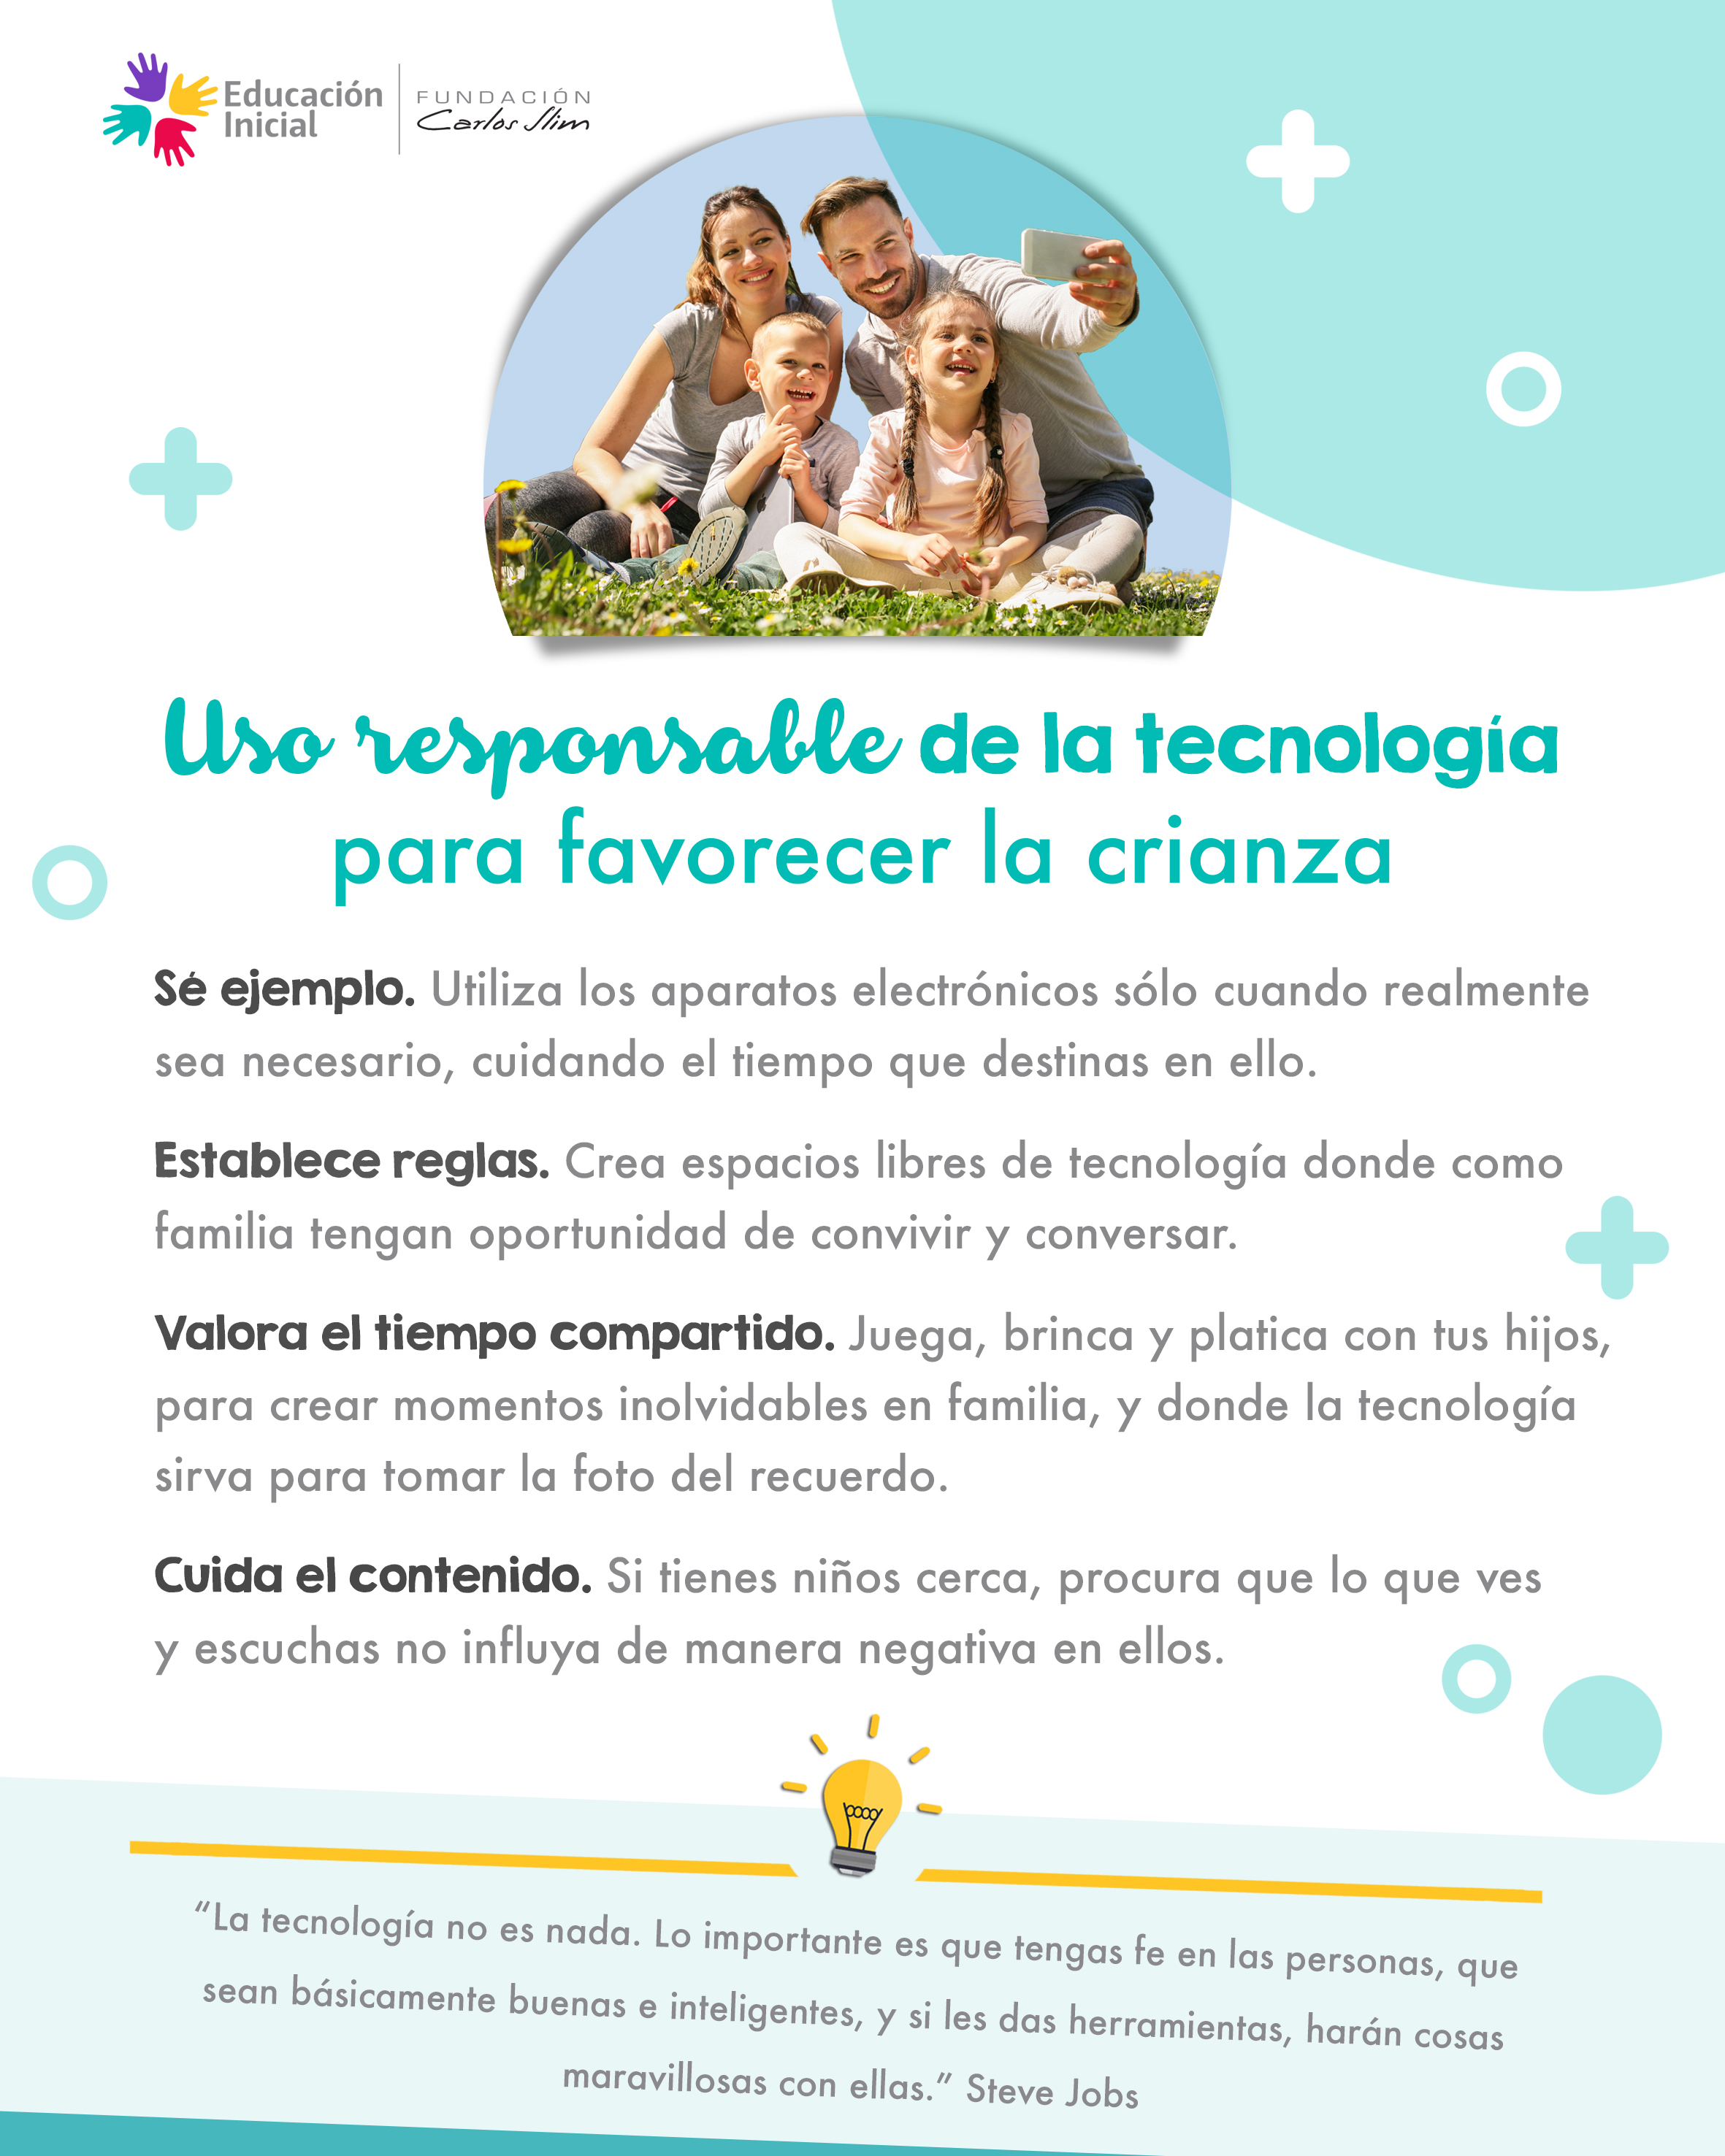 (576) Uso responsable de la tecnología para favorecer la crianza